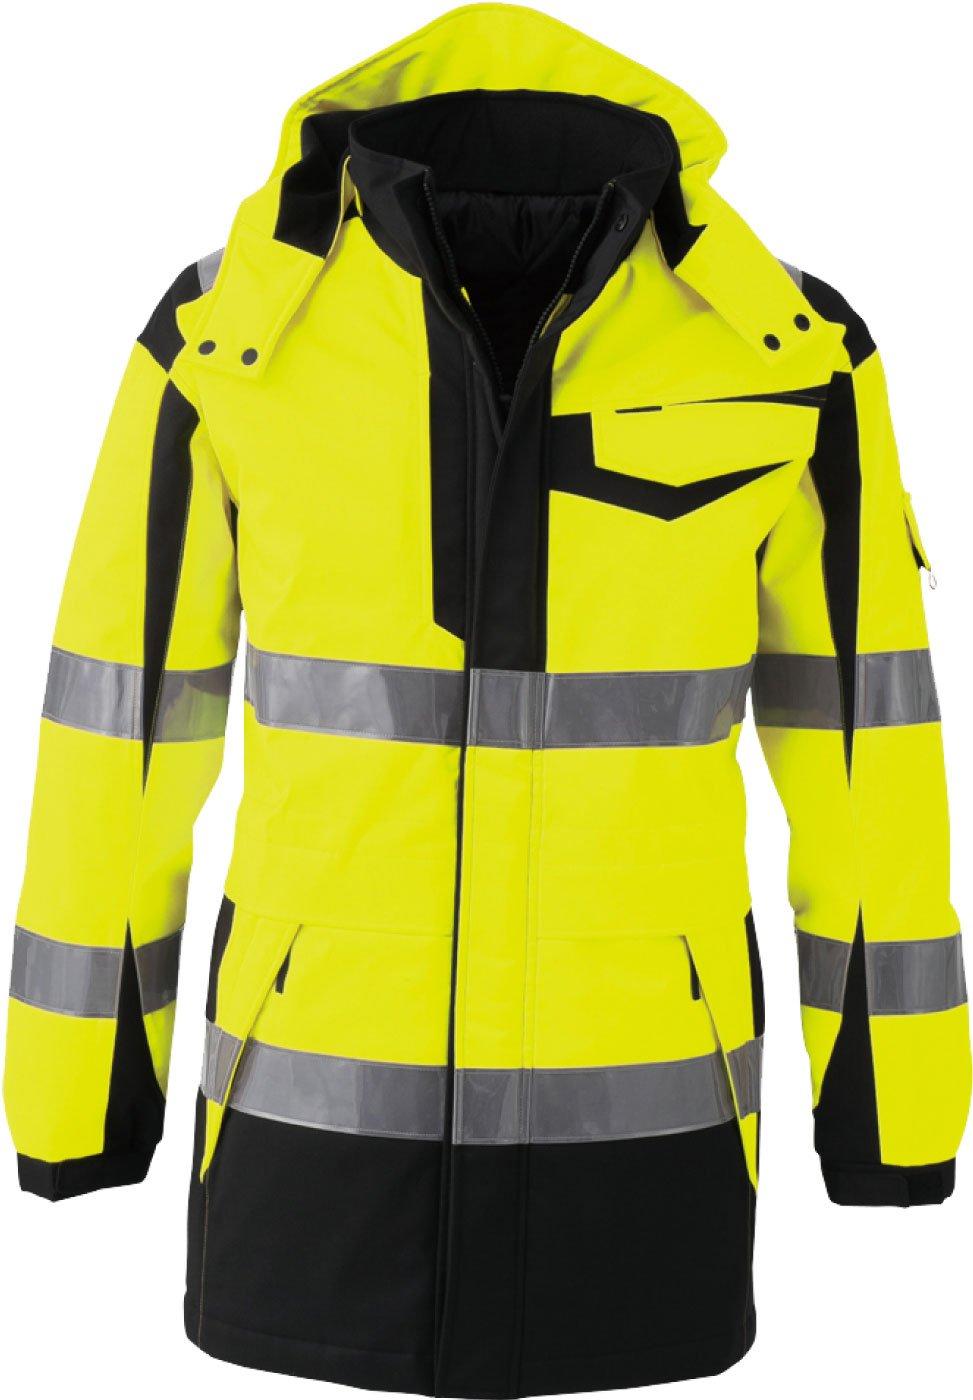 コーコス(CO-COS) 高視認性安全防水防寒コート セーフティ 反射ブルゾン cc-cs2426 B01M6Y8TC9 L|イエロー イエロー L